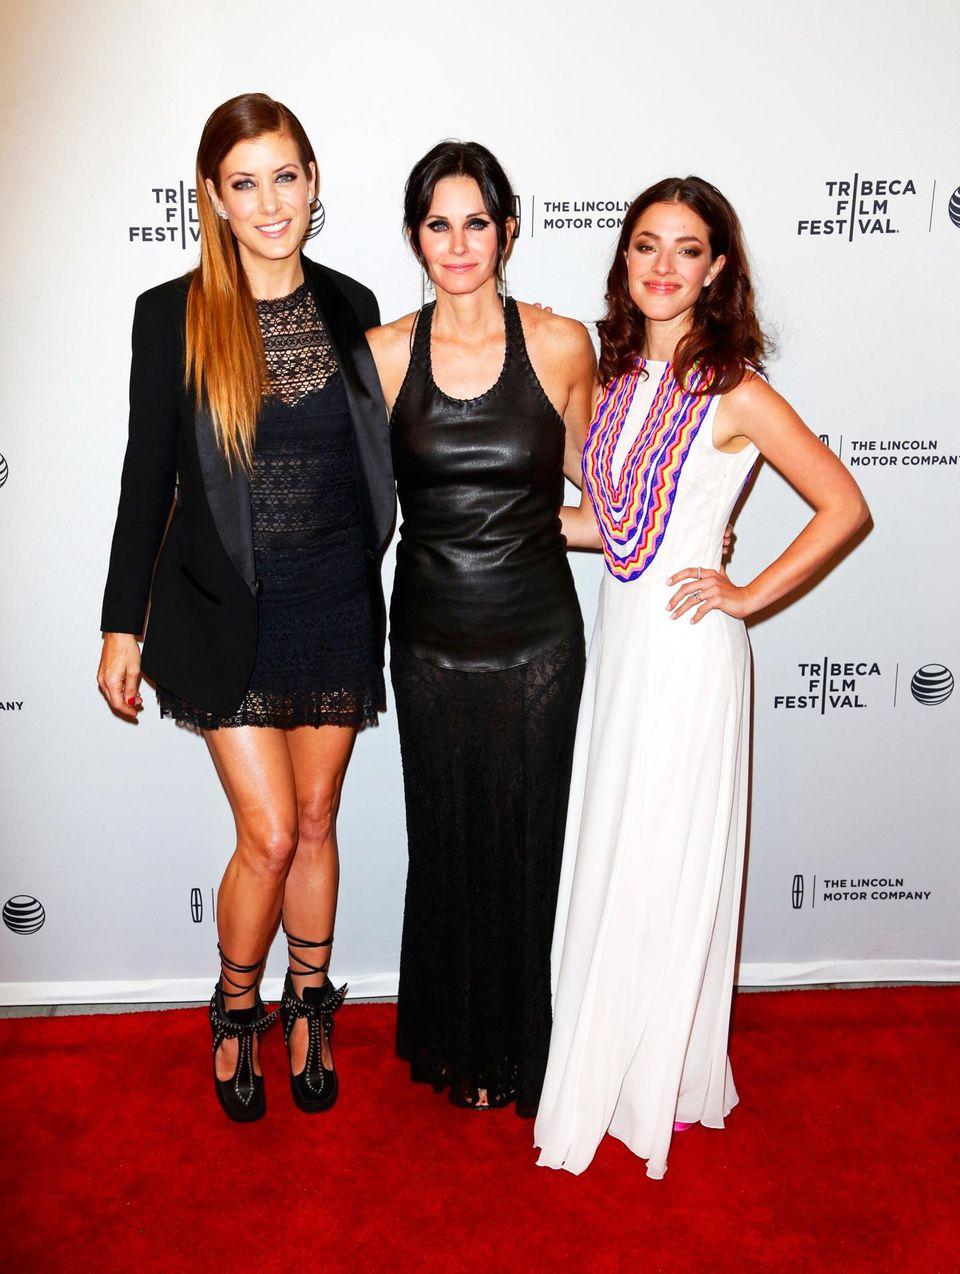 """Bei der Erstaufführung des Films """"Just Before I Go"""" posieren Courteney Cox, die Regie geführt hat, und ihre Darstellerinnen Kate Walsh und Olivia Thirlby auf dem roten Teppich."""